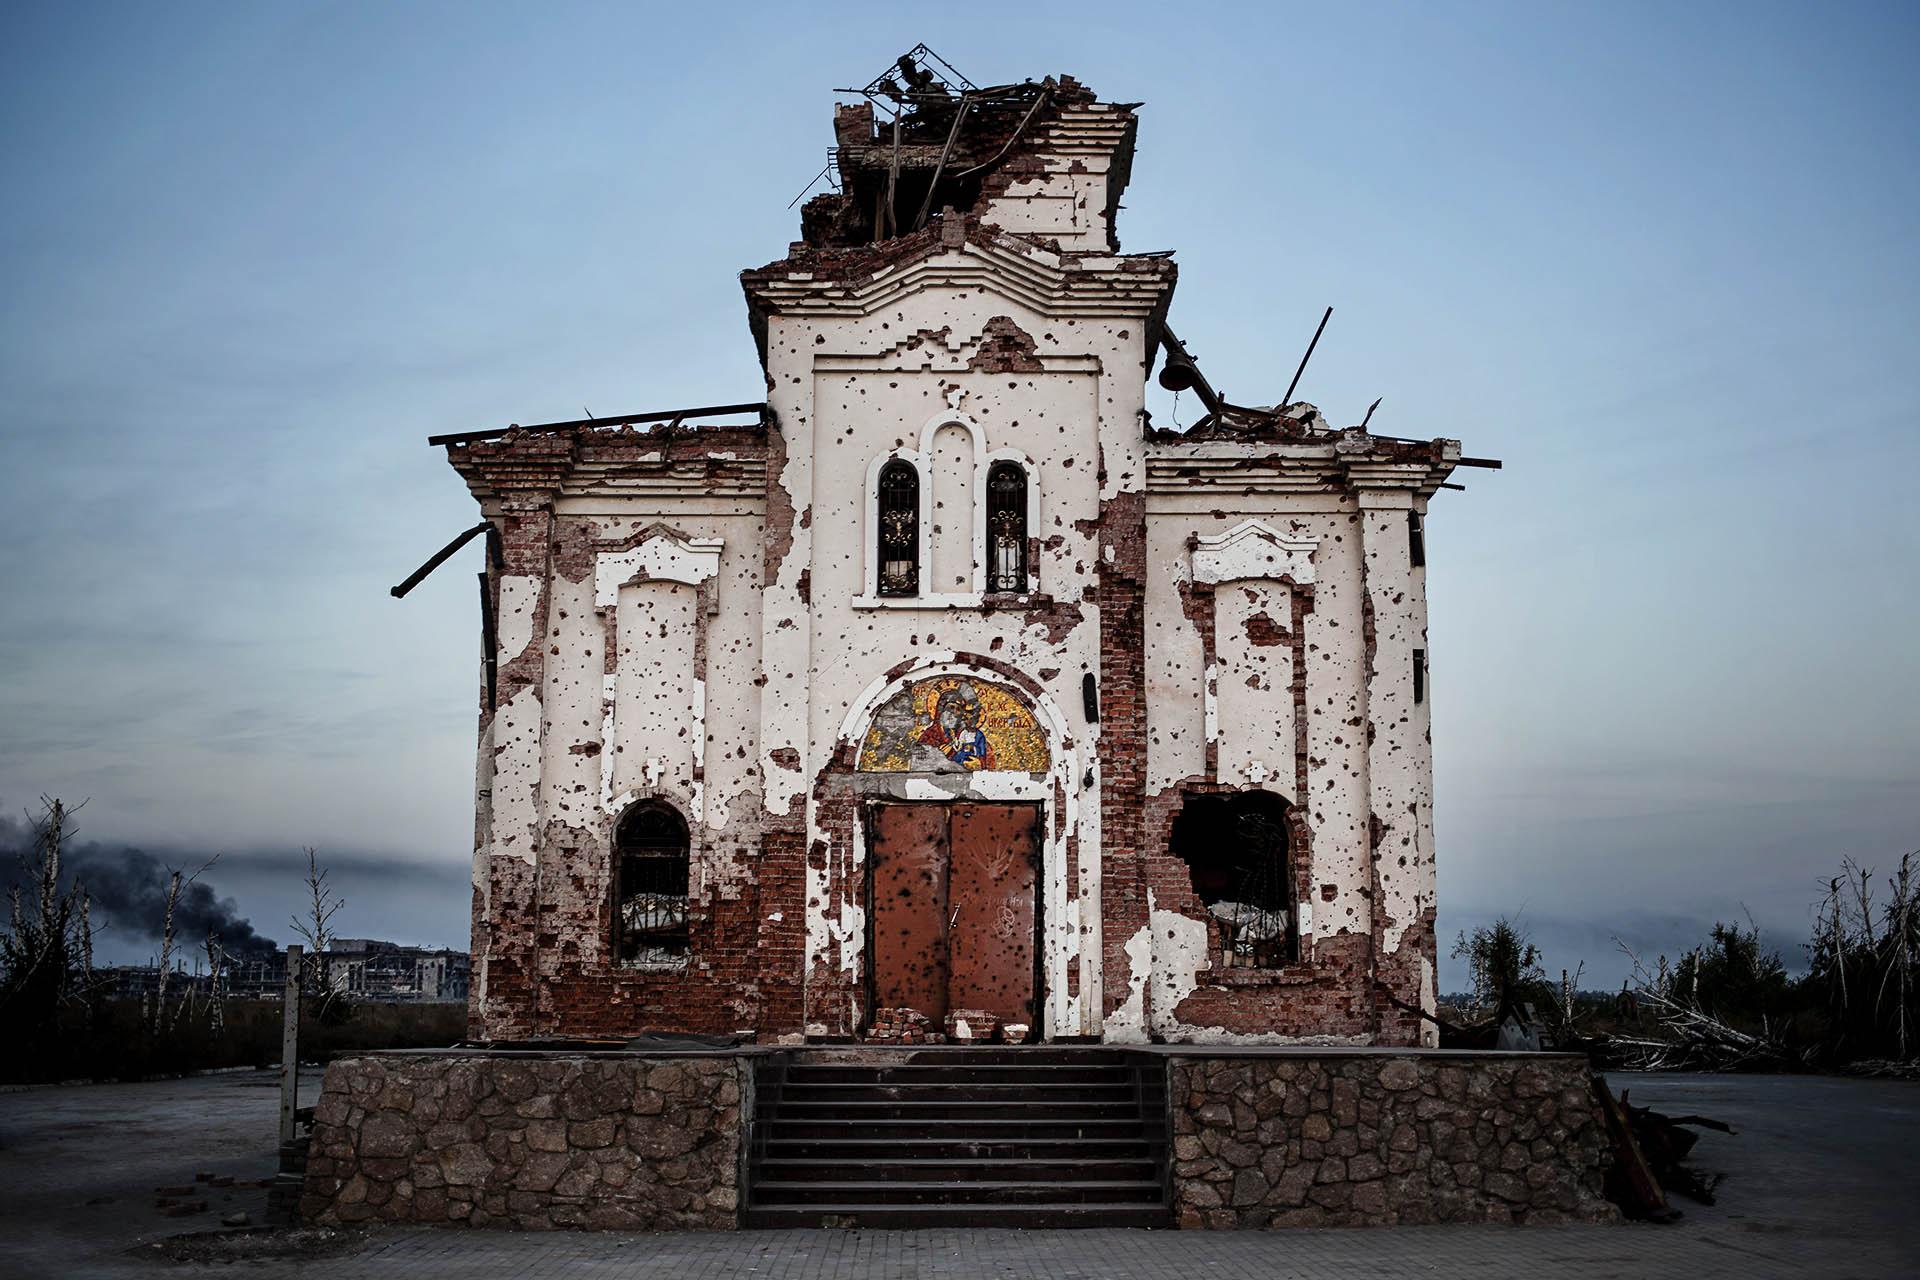 Imagen de una iglesia destrozada por los combates, con el aeropuerto de Donestk al fondo.